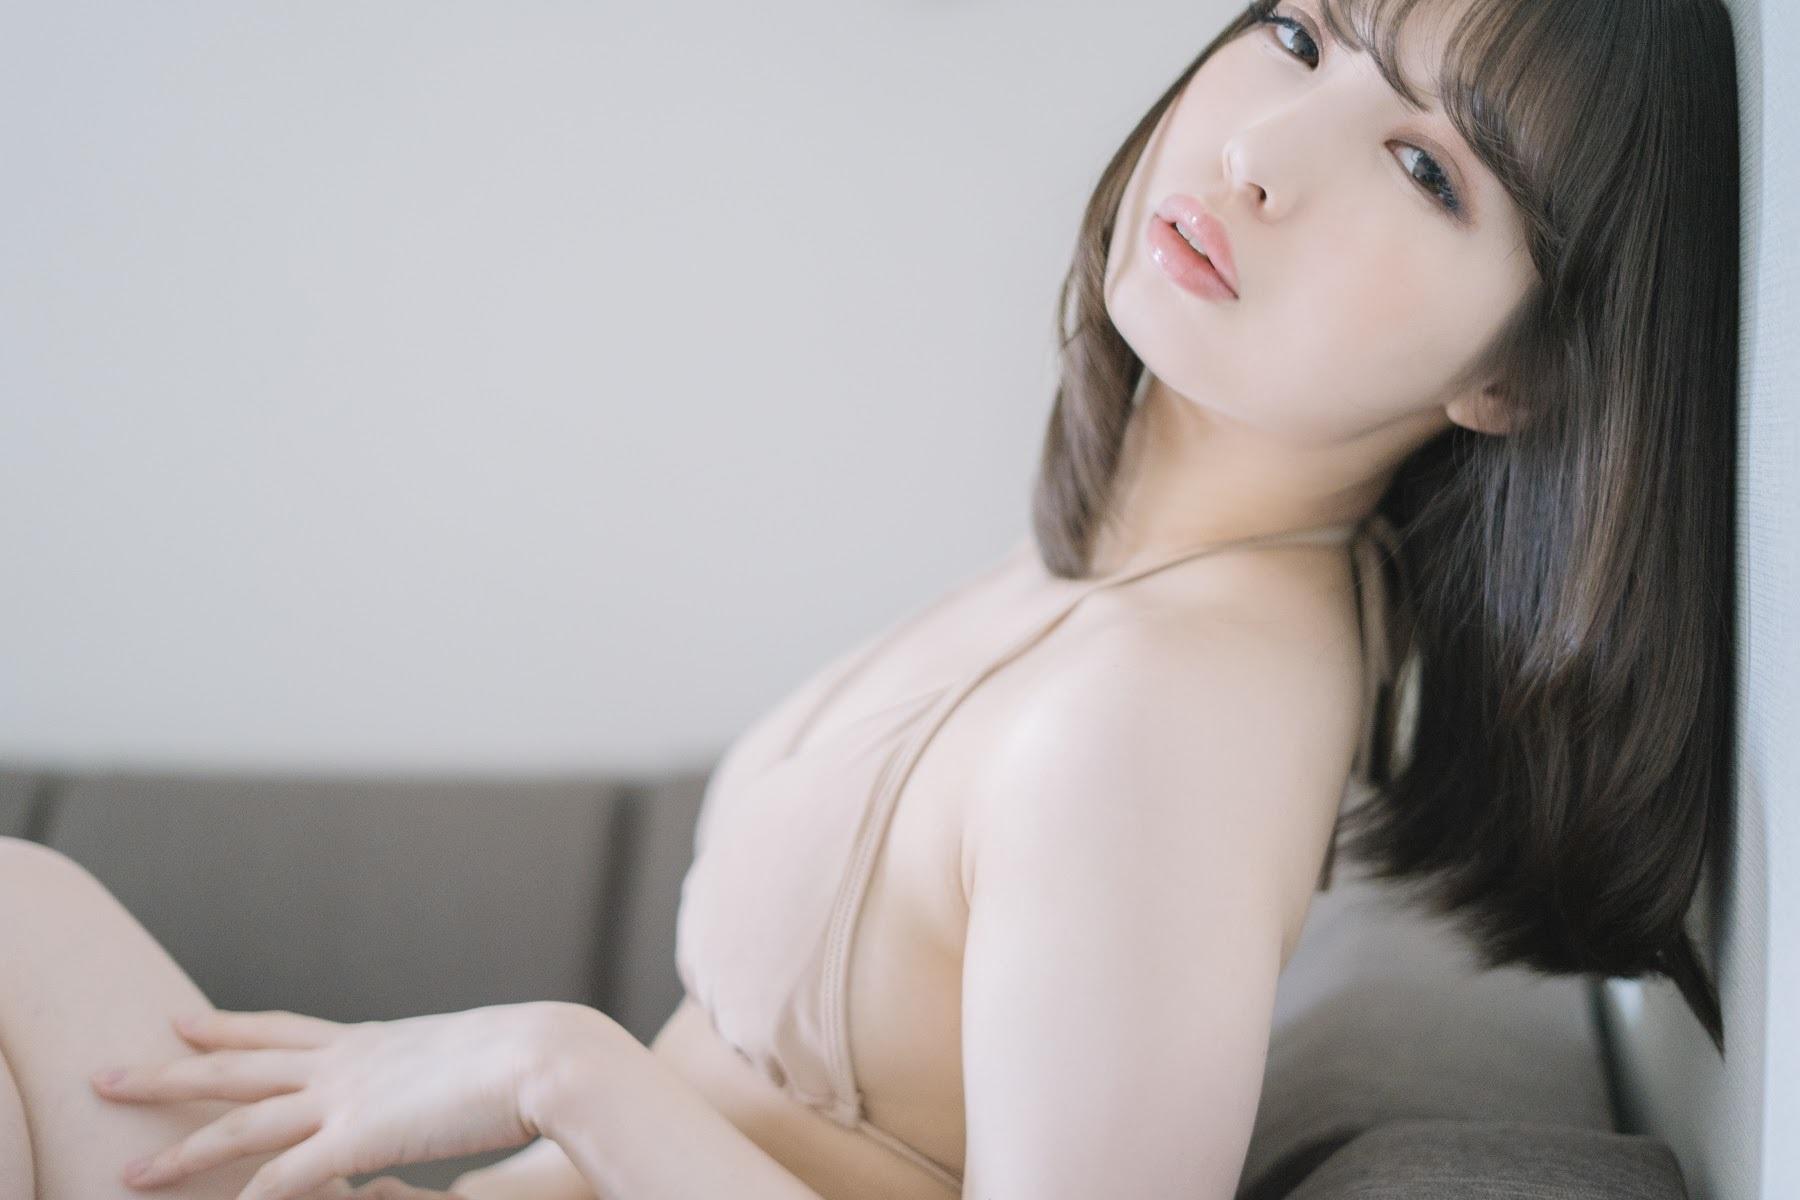 CH24云引仃1 (29)